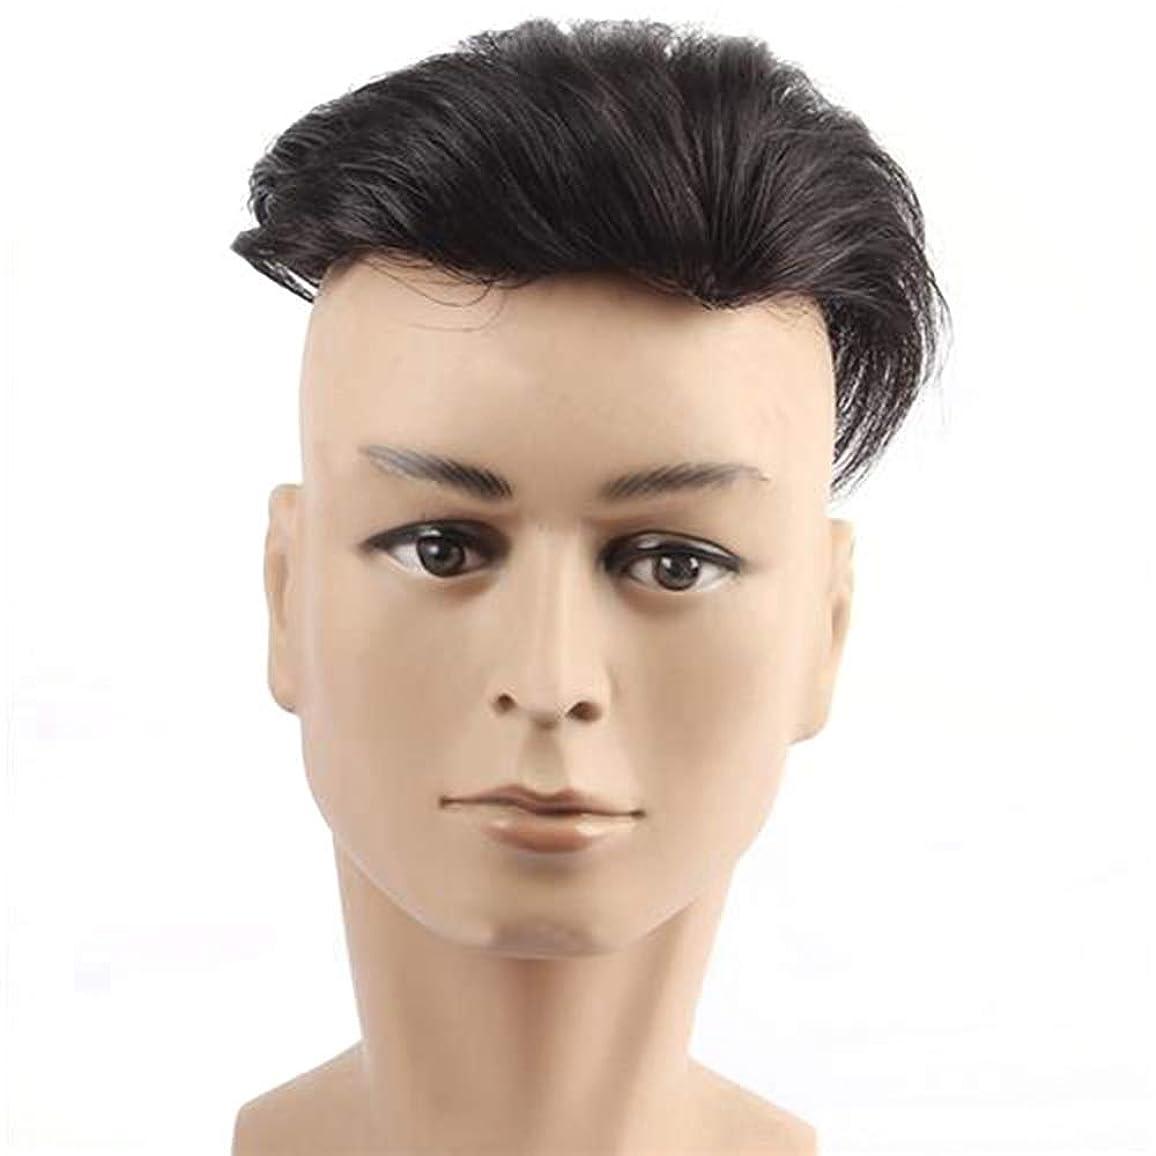 走る寂しいアセBOBIDYEE 男性のための短い本物の髪の拡張子でハンドニードルクリップハンサムな手織かつらファッションかつら (色 : Natural black, サイズ : 18x20)